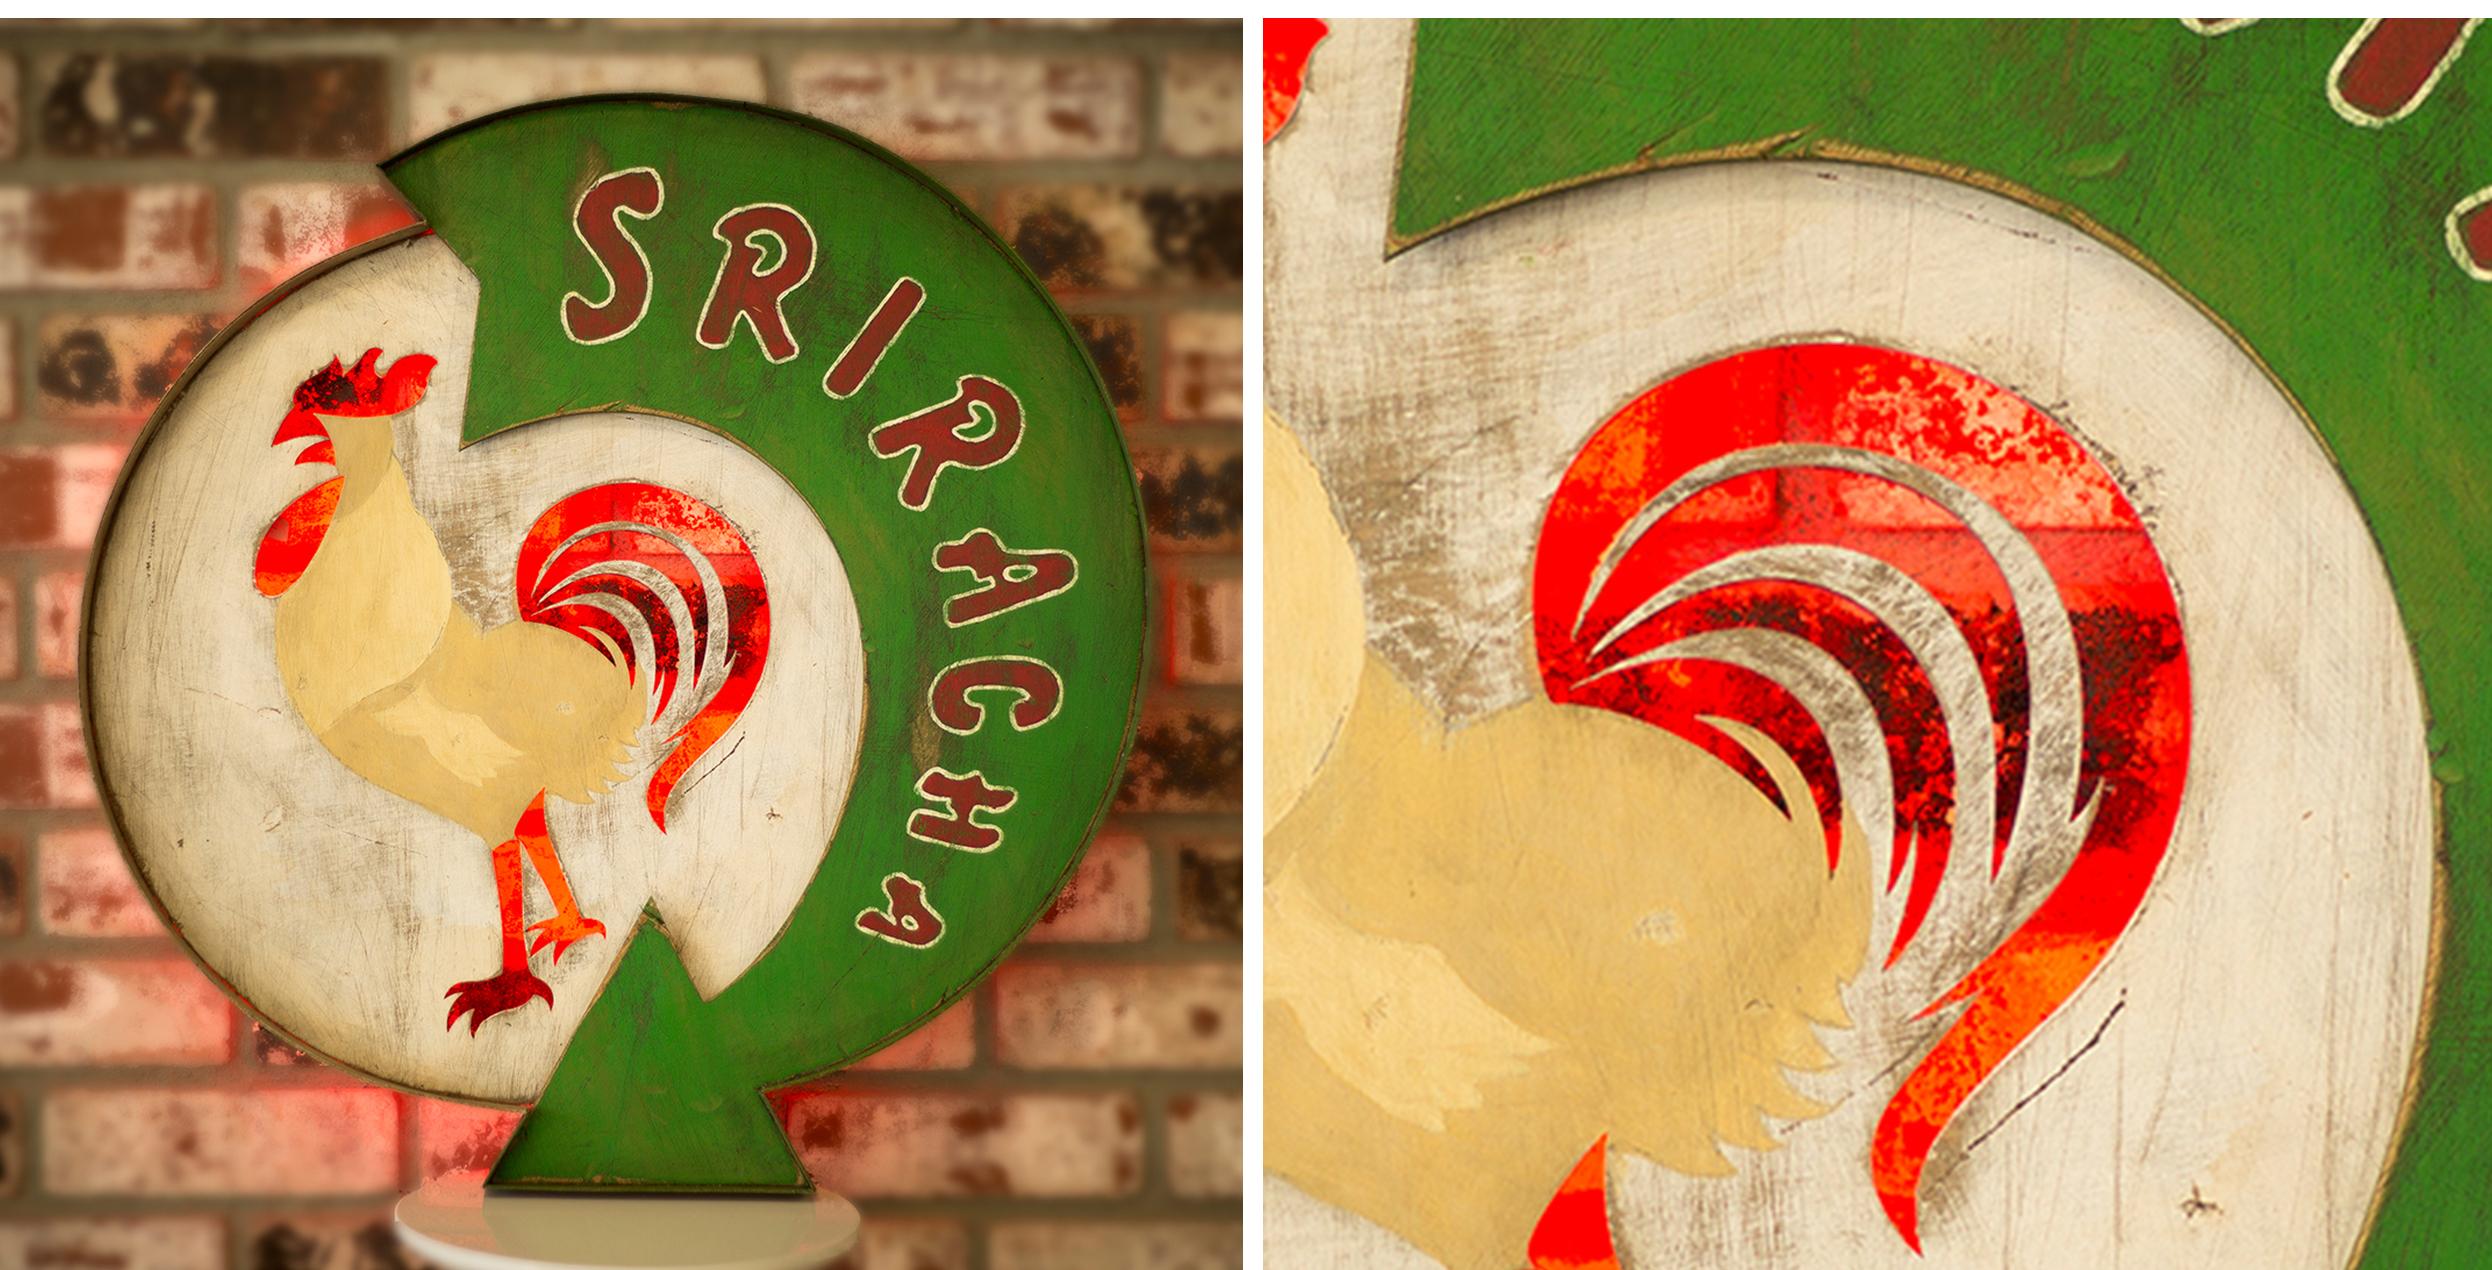 7_Sriracha.jpg